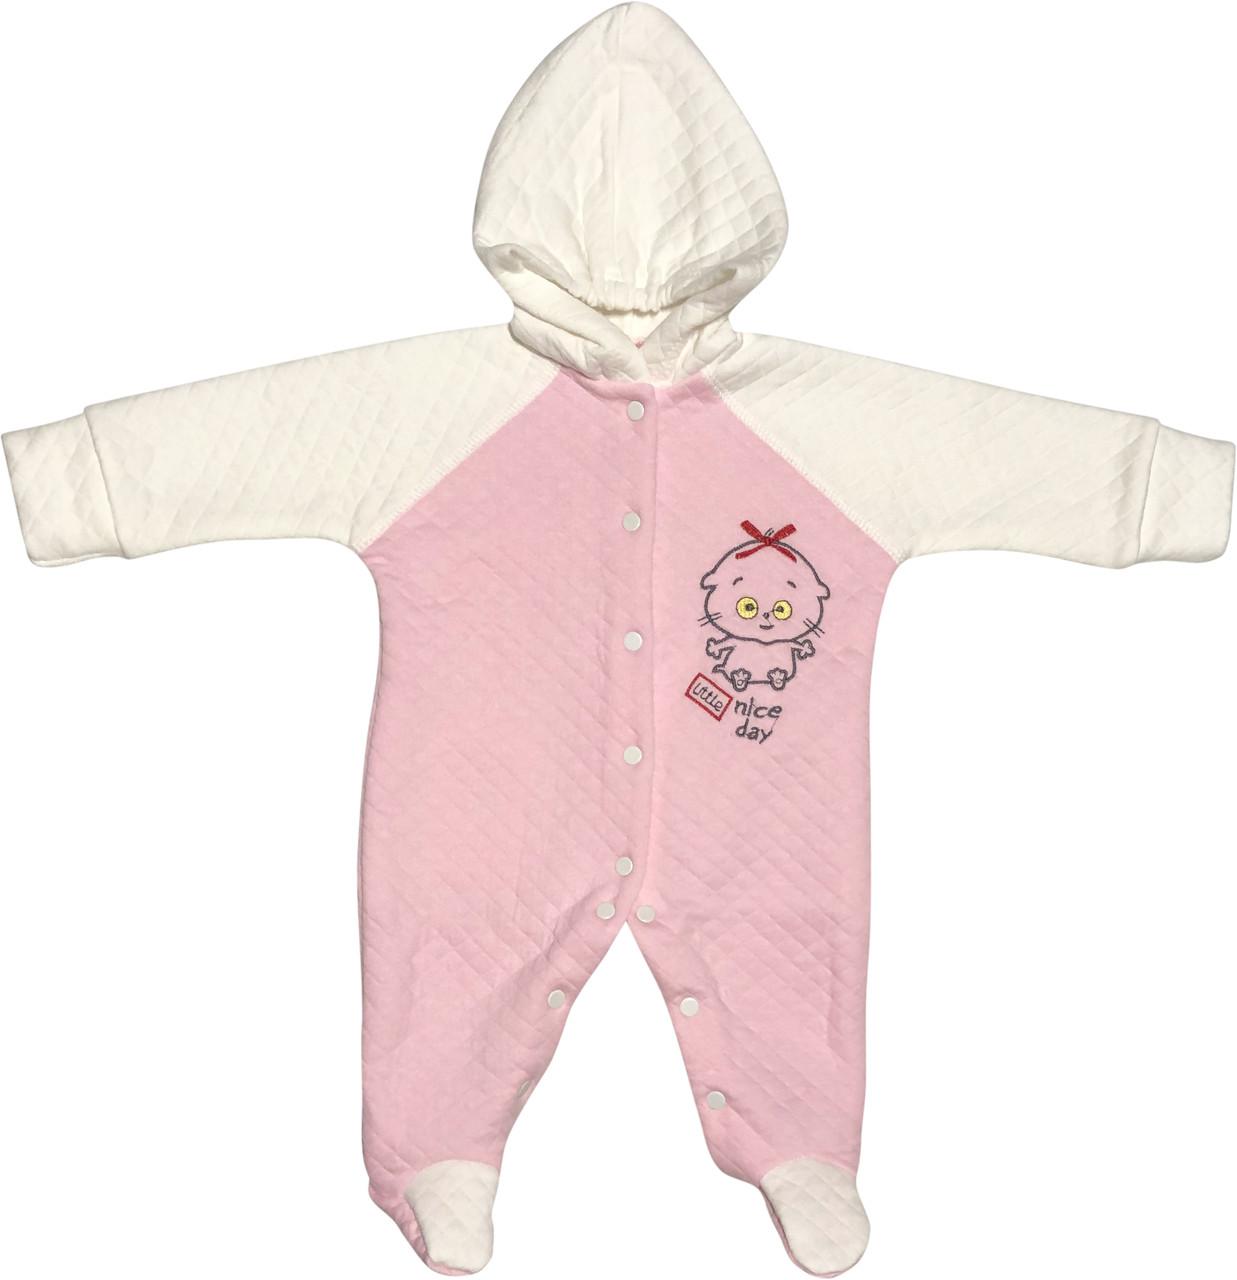 Дитячий чоловічок ріст 56 0-2 міс капітон рожевий на дівчинку сліп з капюшоном для новонароджених